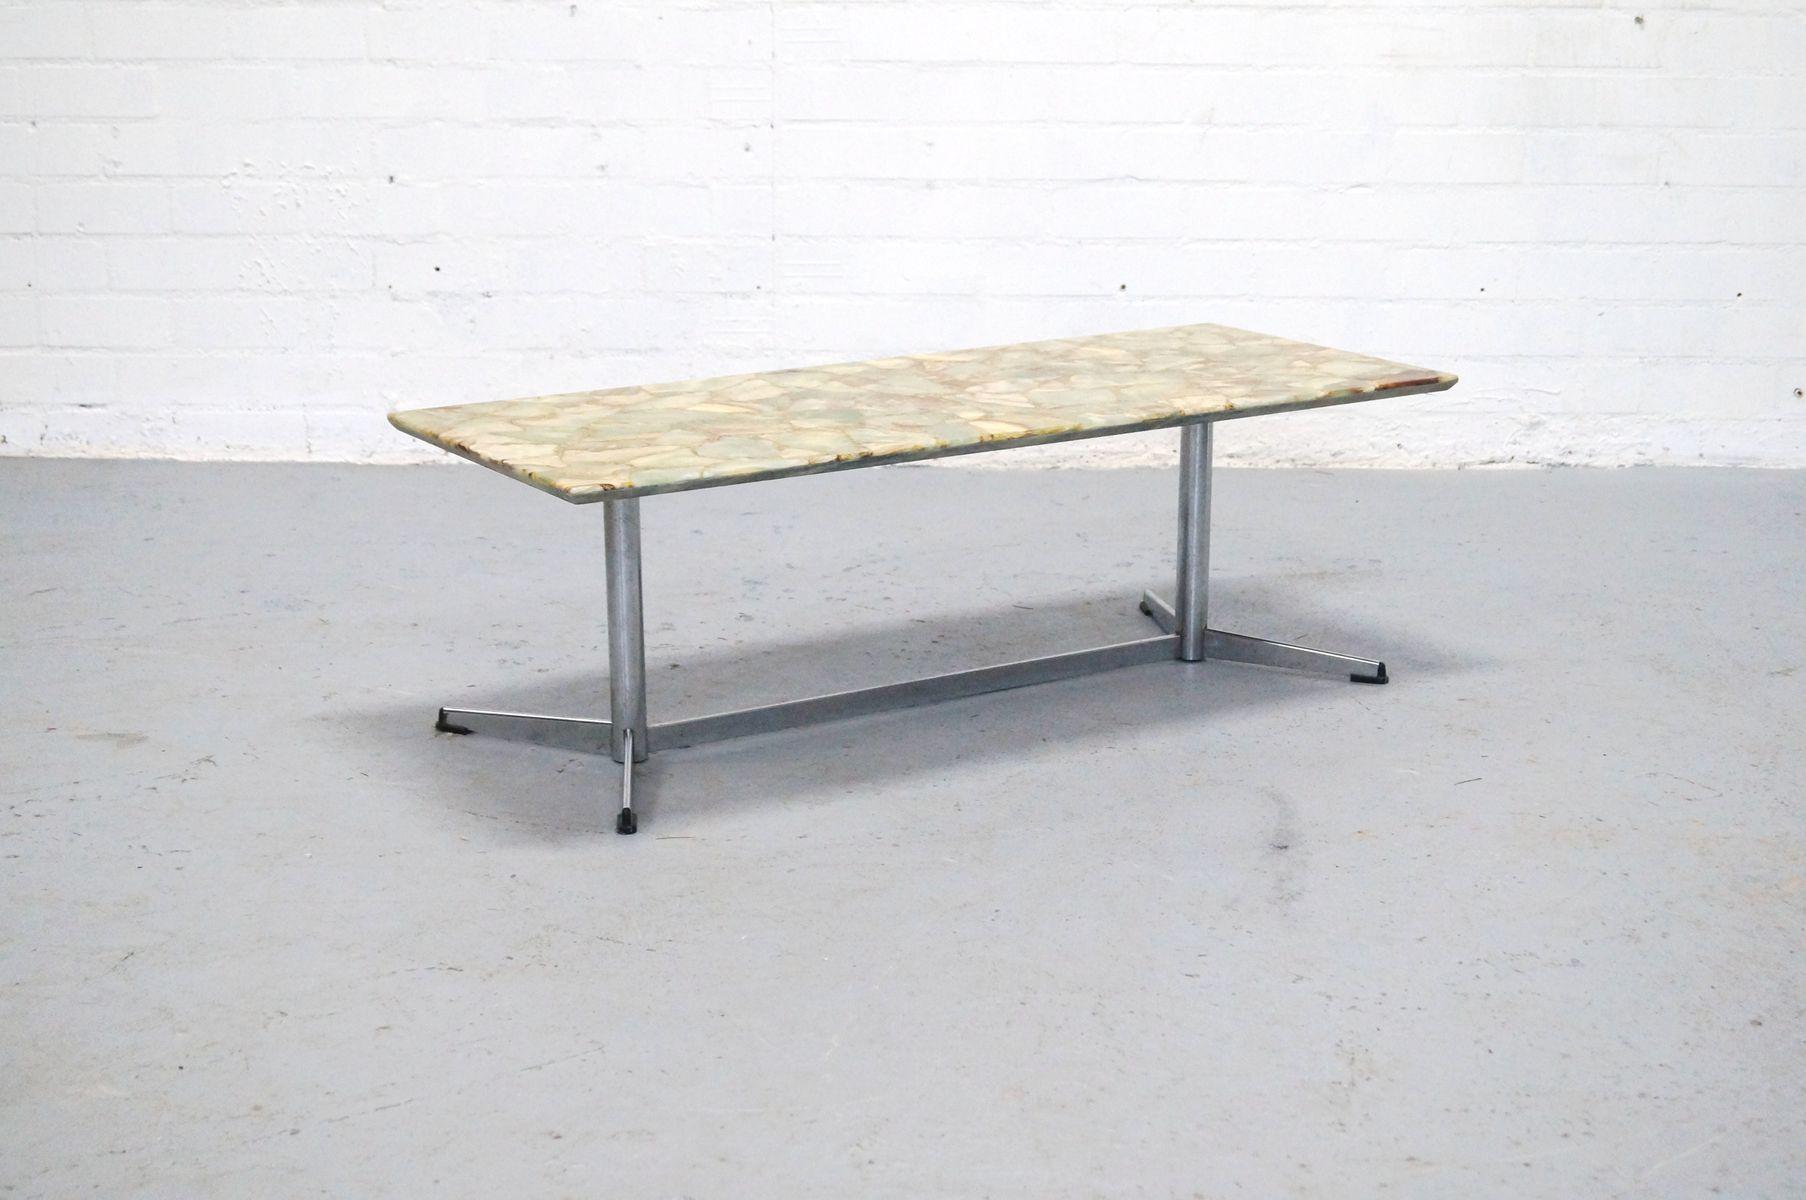 d nischer stein couchtisch 1960er bei pamono kaufen. Black Bedroom Furniture Sets. Home Design Ideas